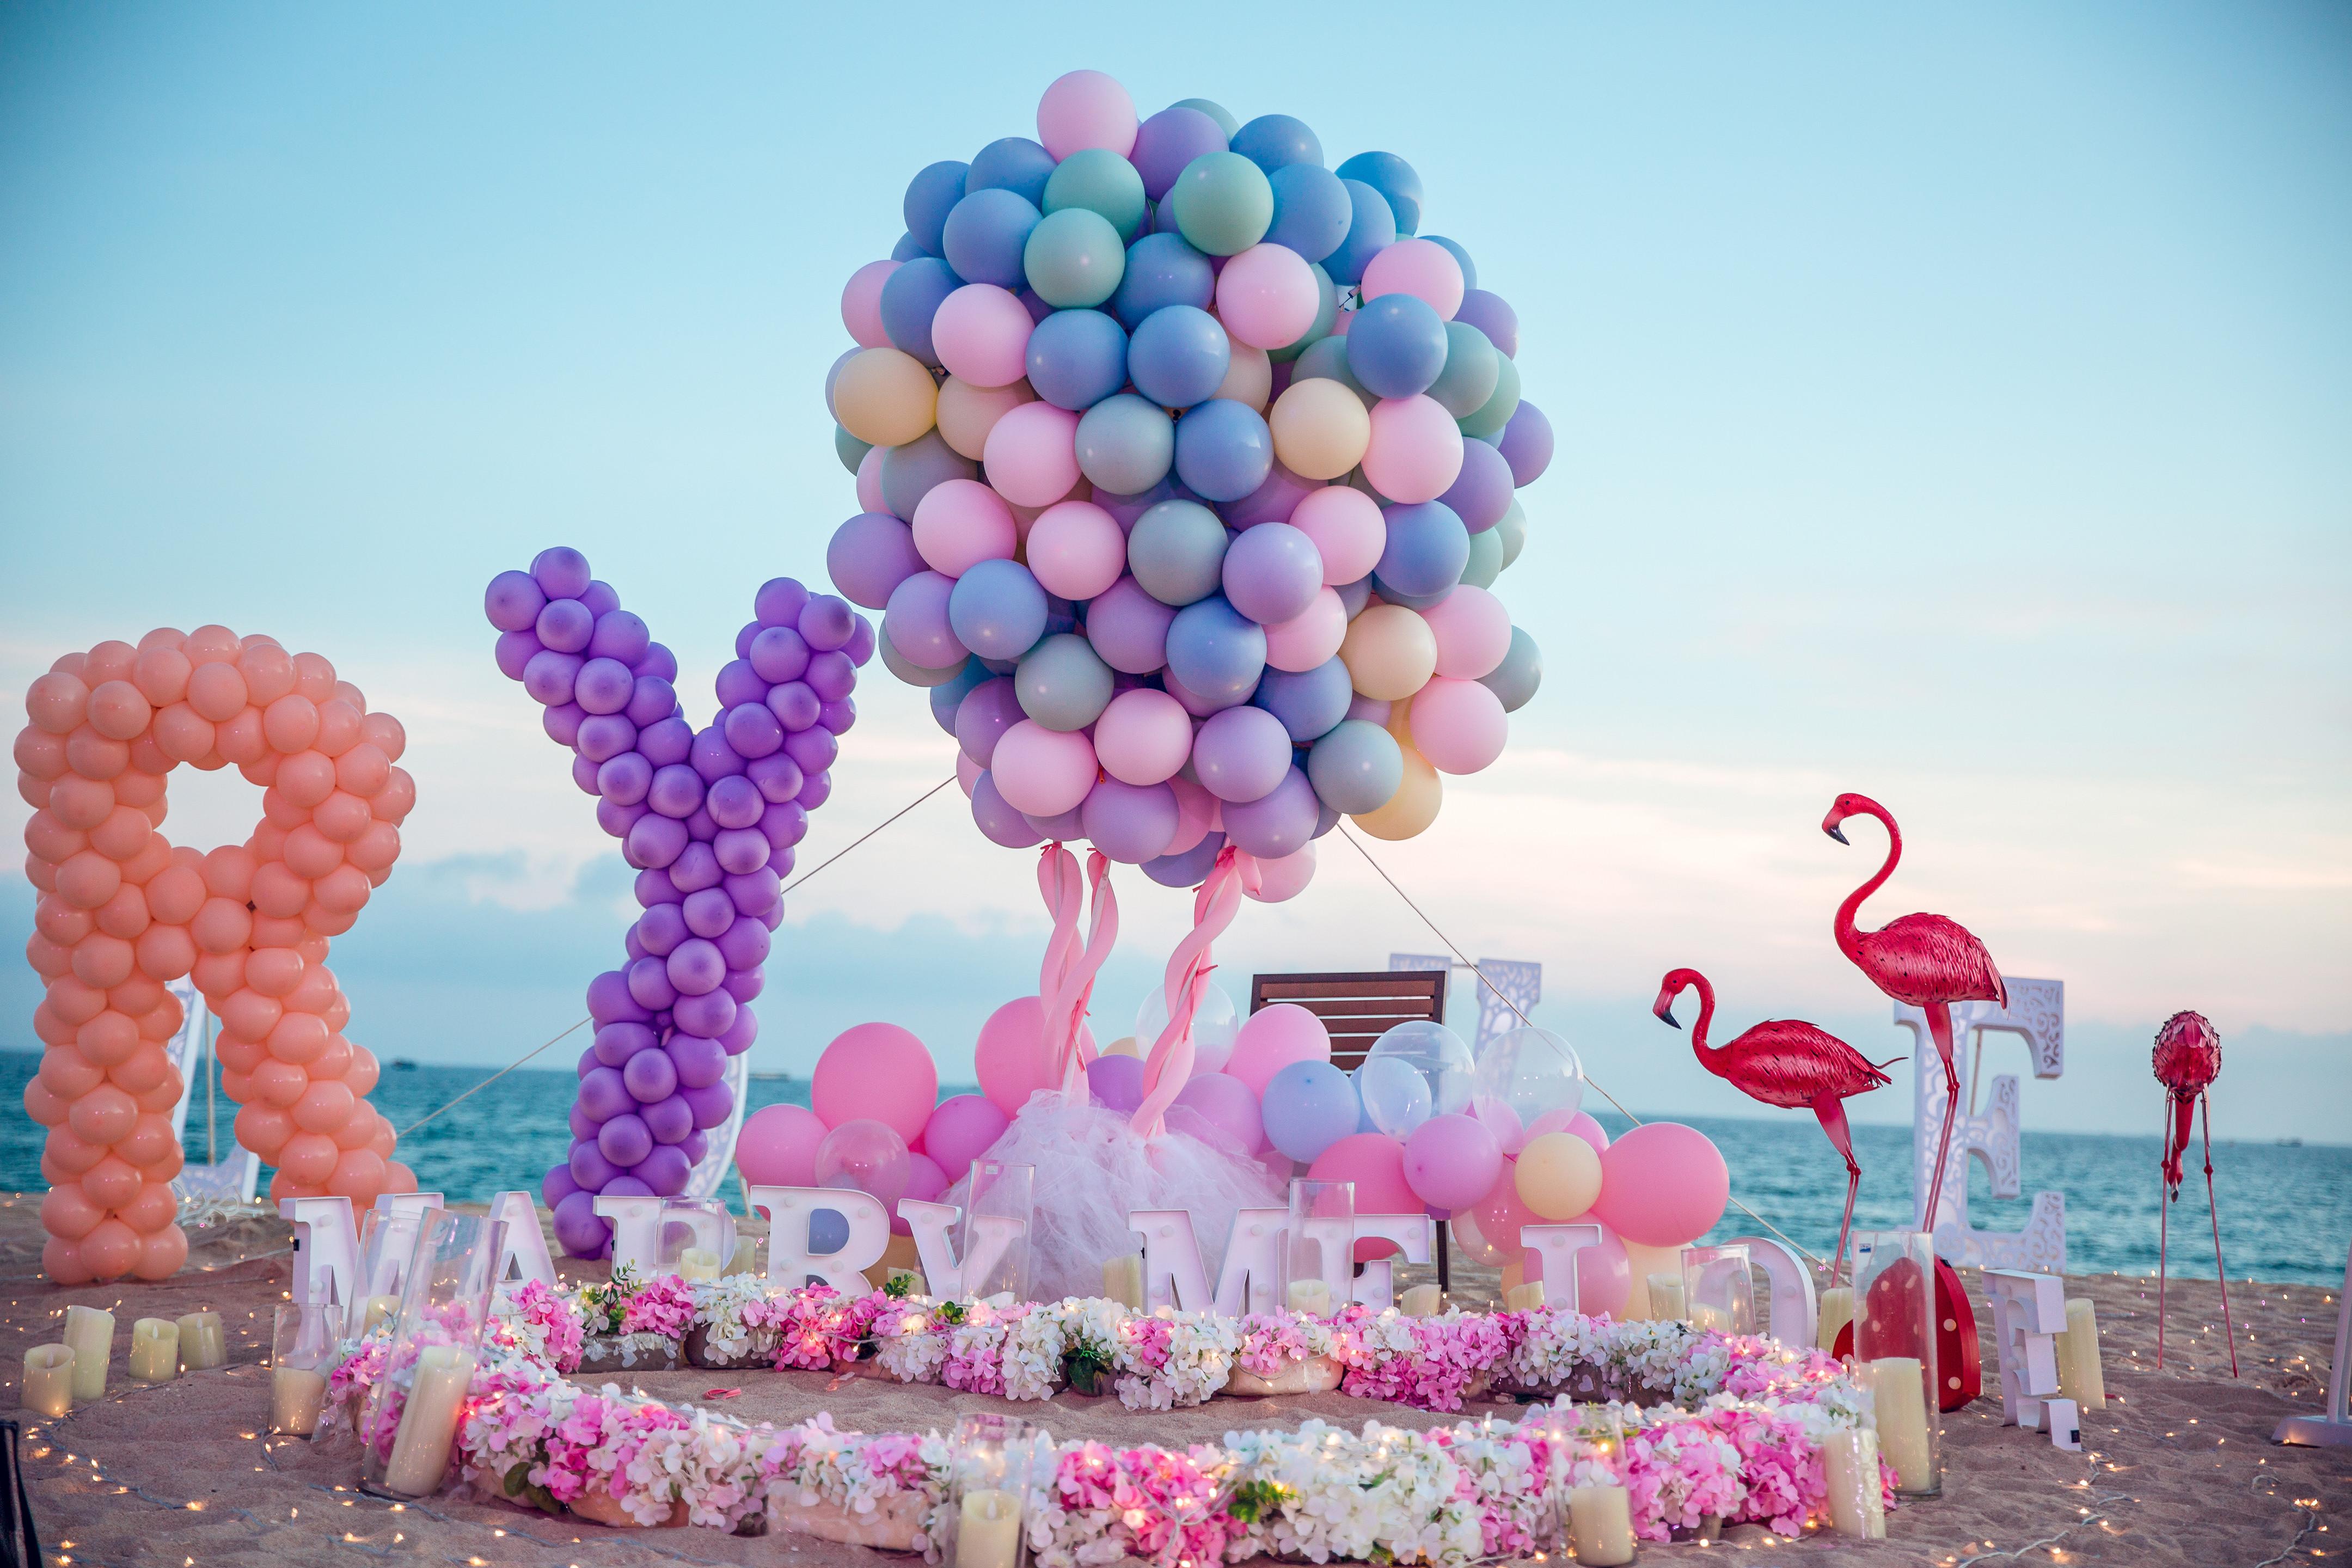 三亞唯美彩色气球表白——思念,染色了烟花